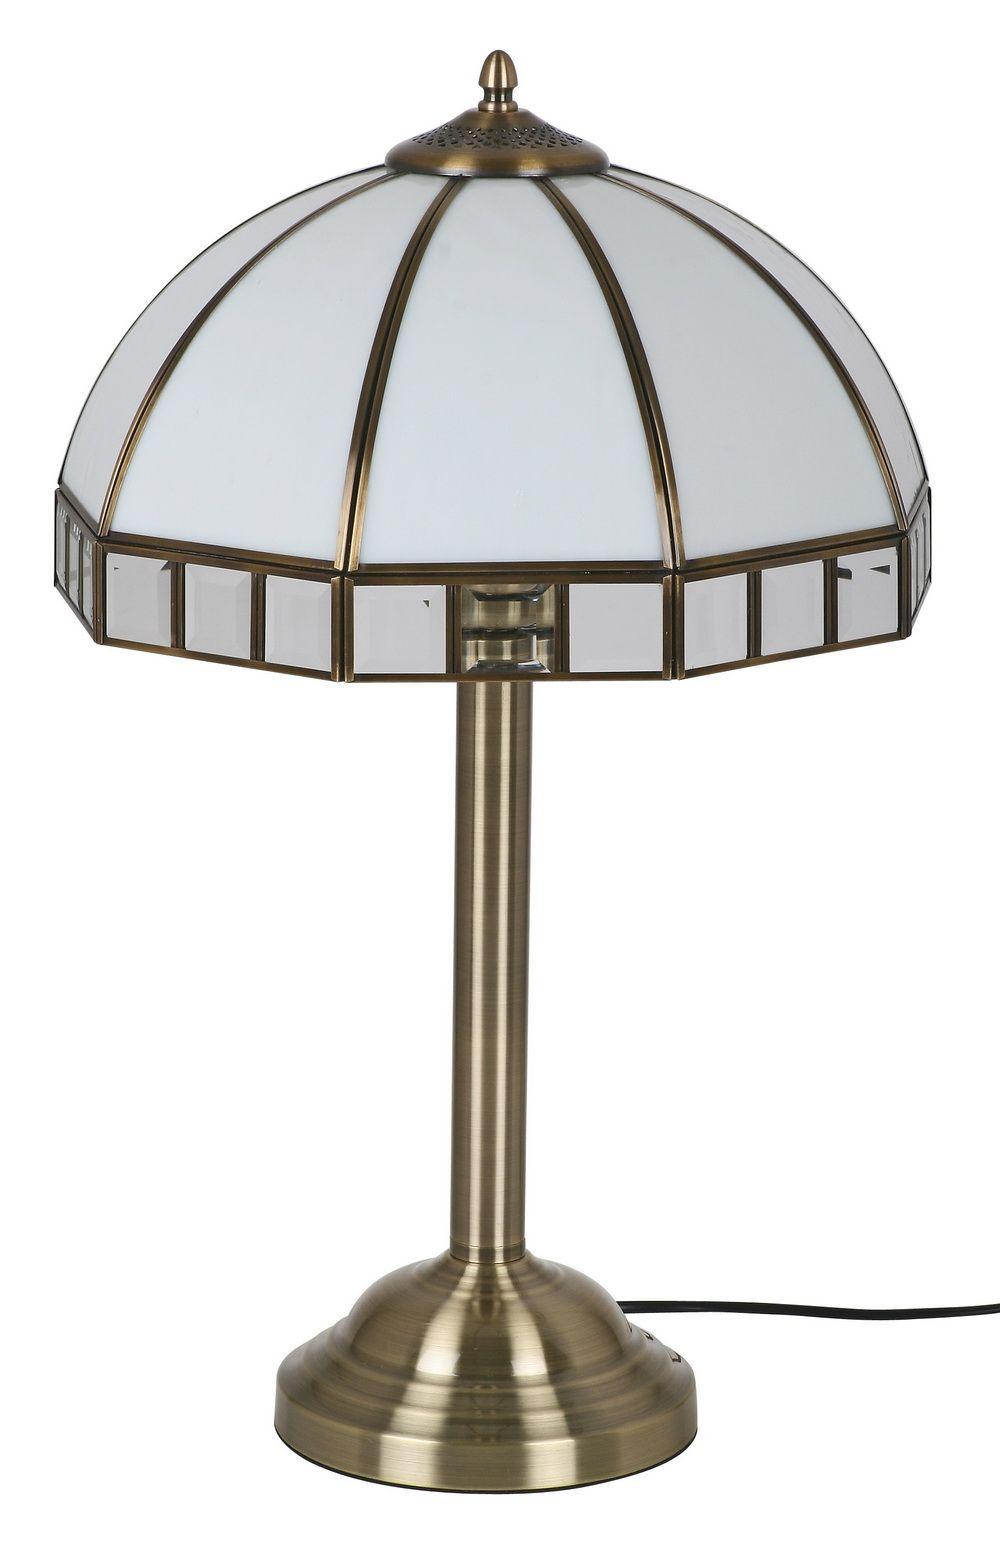 витражные настольные лампы euro-style.kiev.ua фото